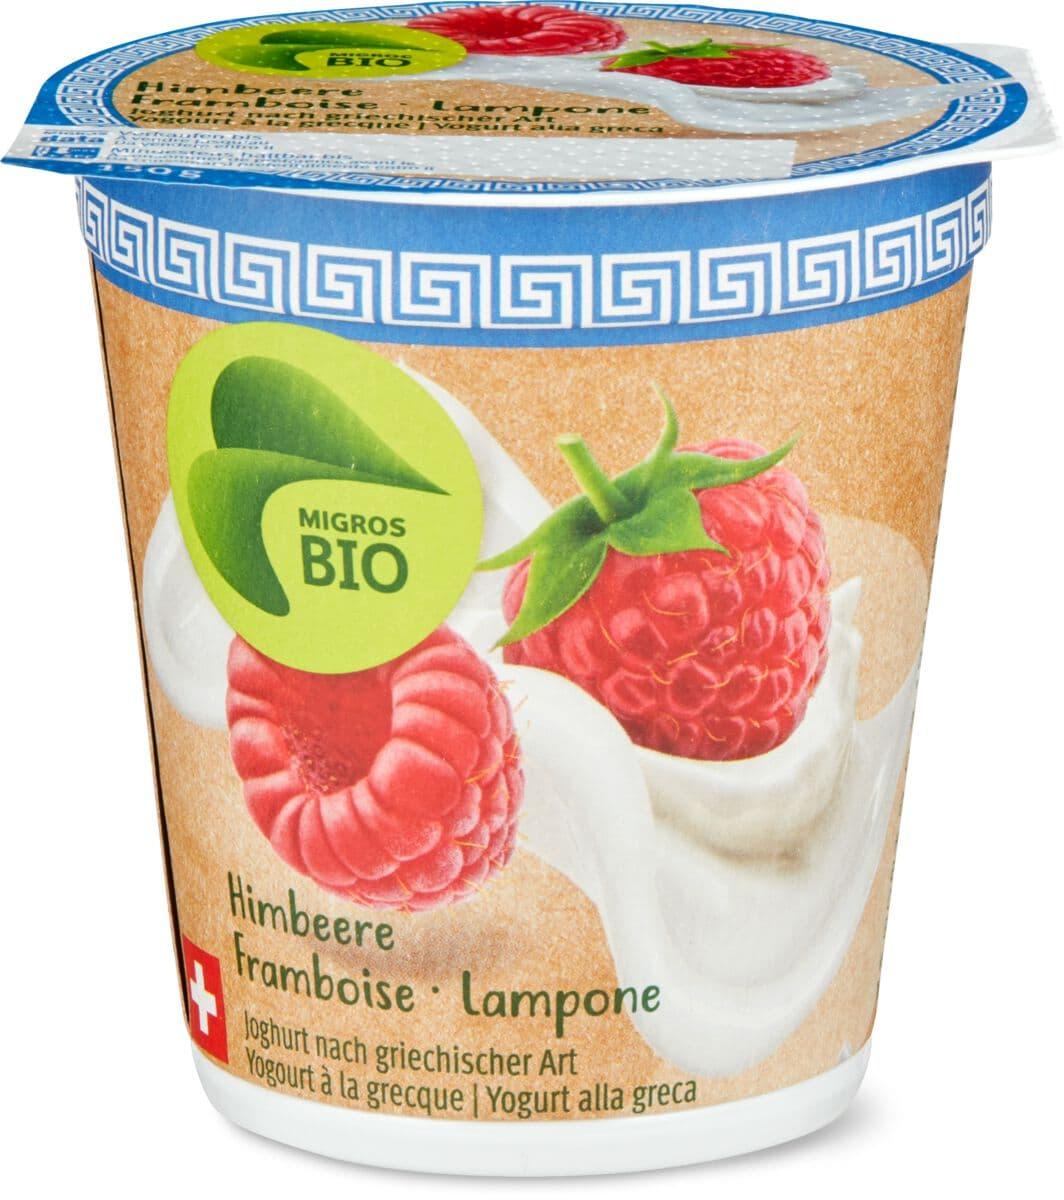 Bio Joghurt Grecque Himbeere